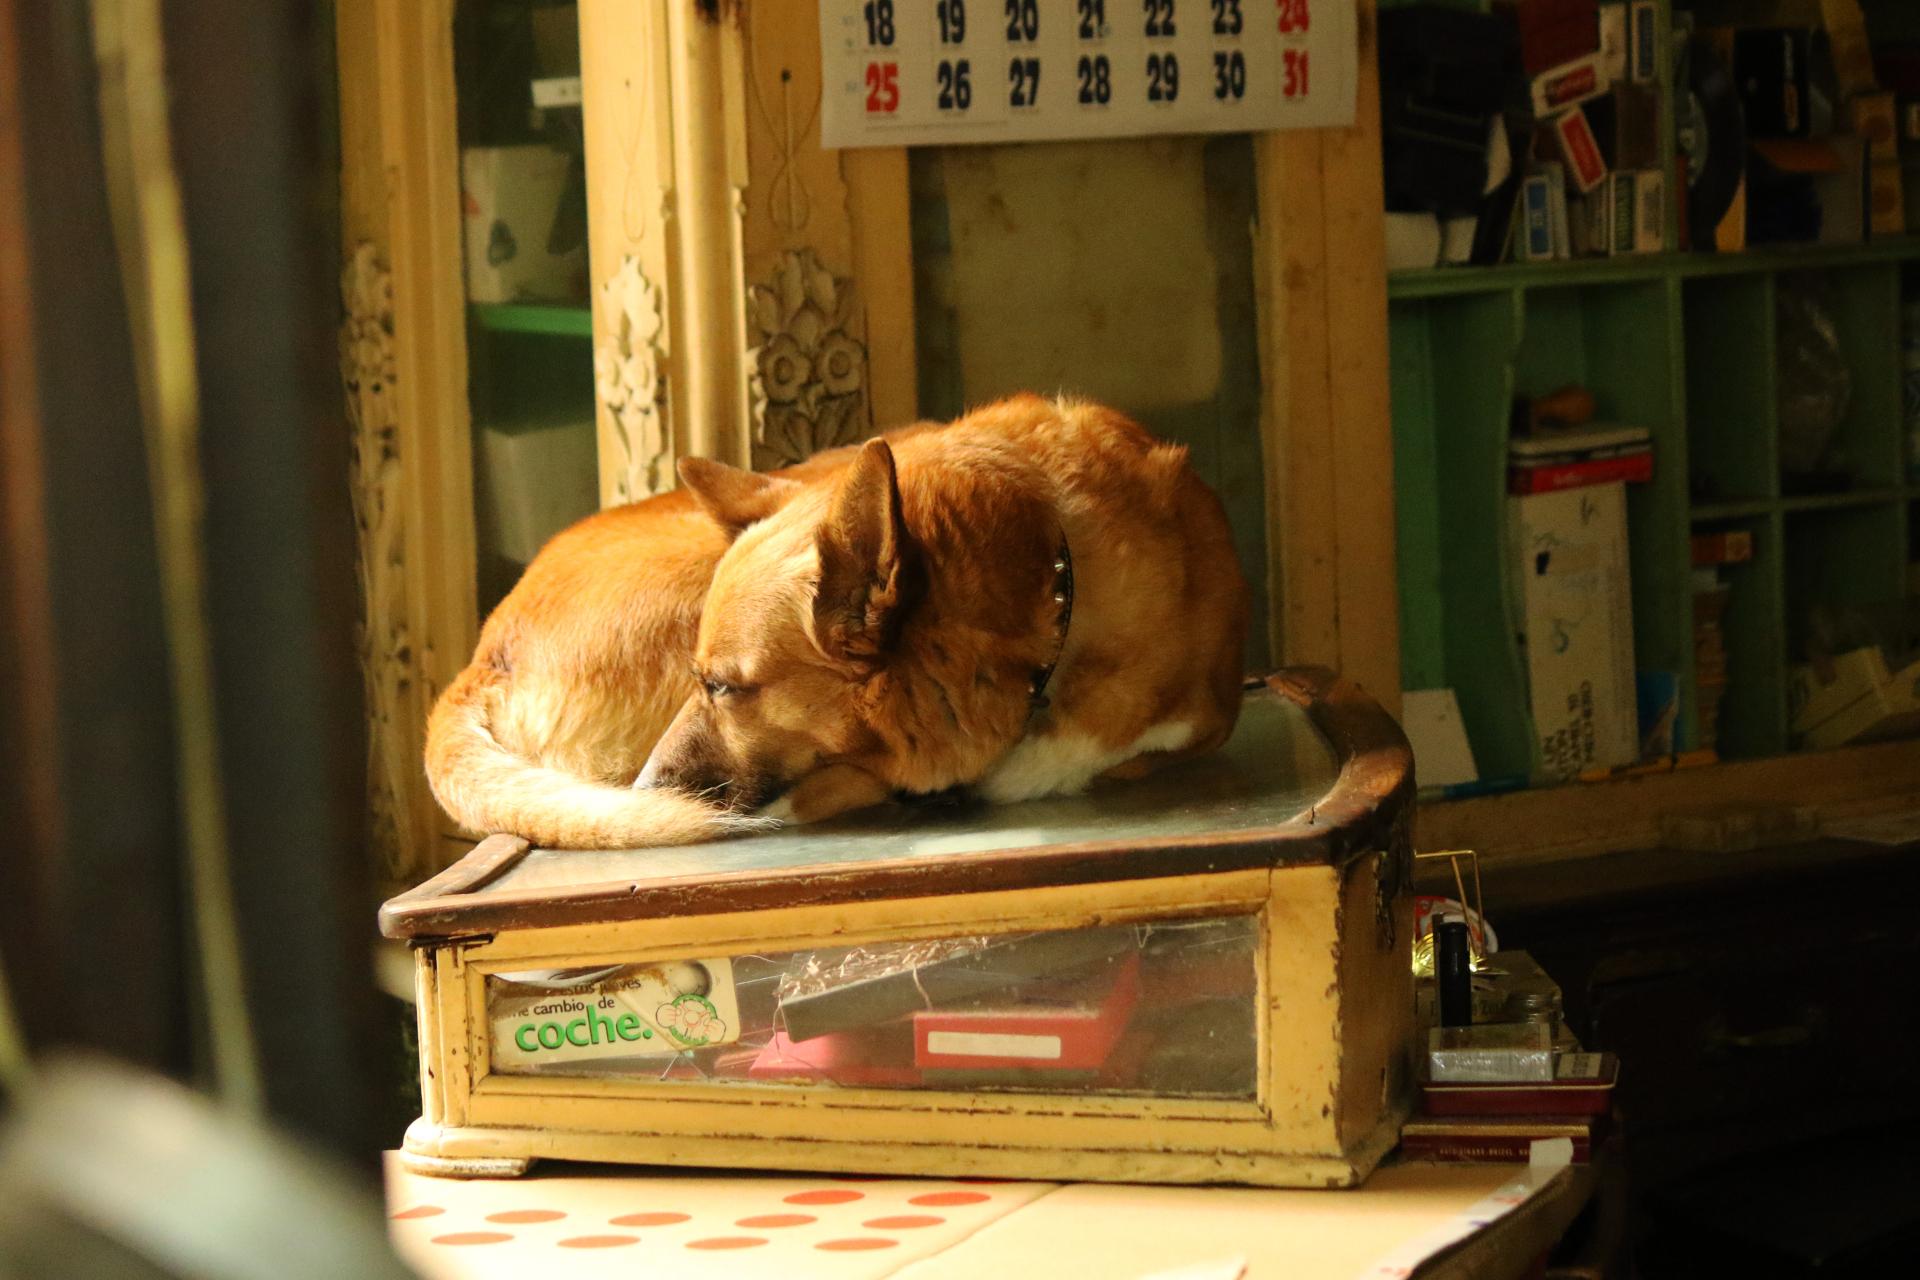 Dodatkowe Nowy dom dla psa: egoizm, moralność, dobrostan - Pies do kwadratu DI15